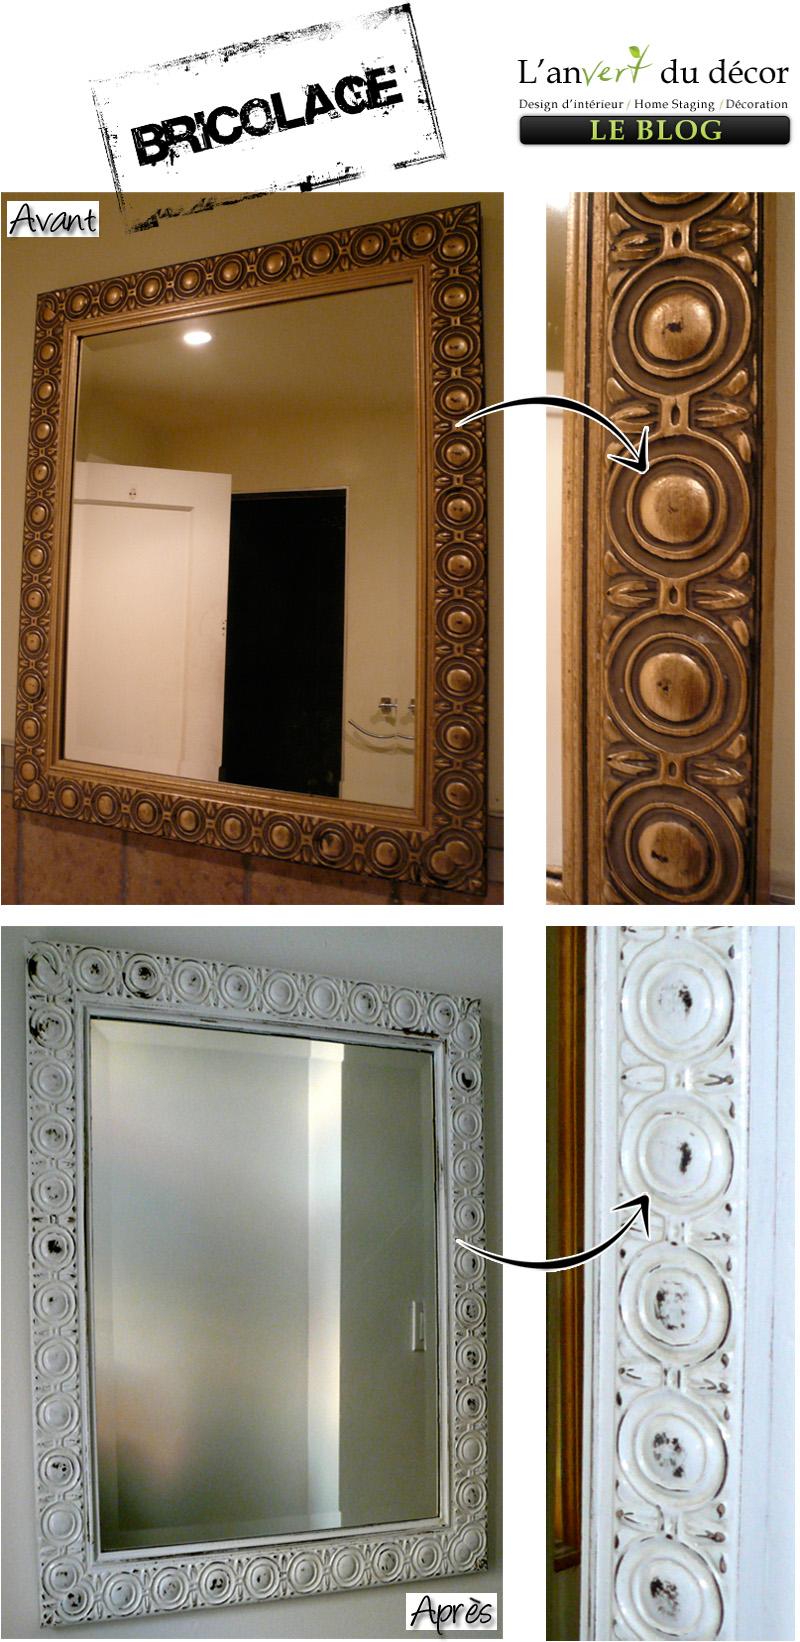 Transformer un vieux miroir l 39 an vert du d cor - Comment masquer un miroir ...